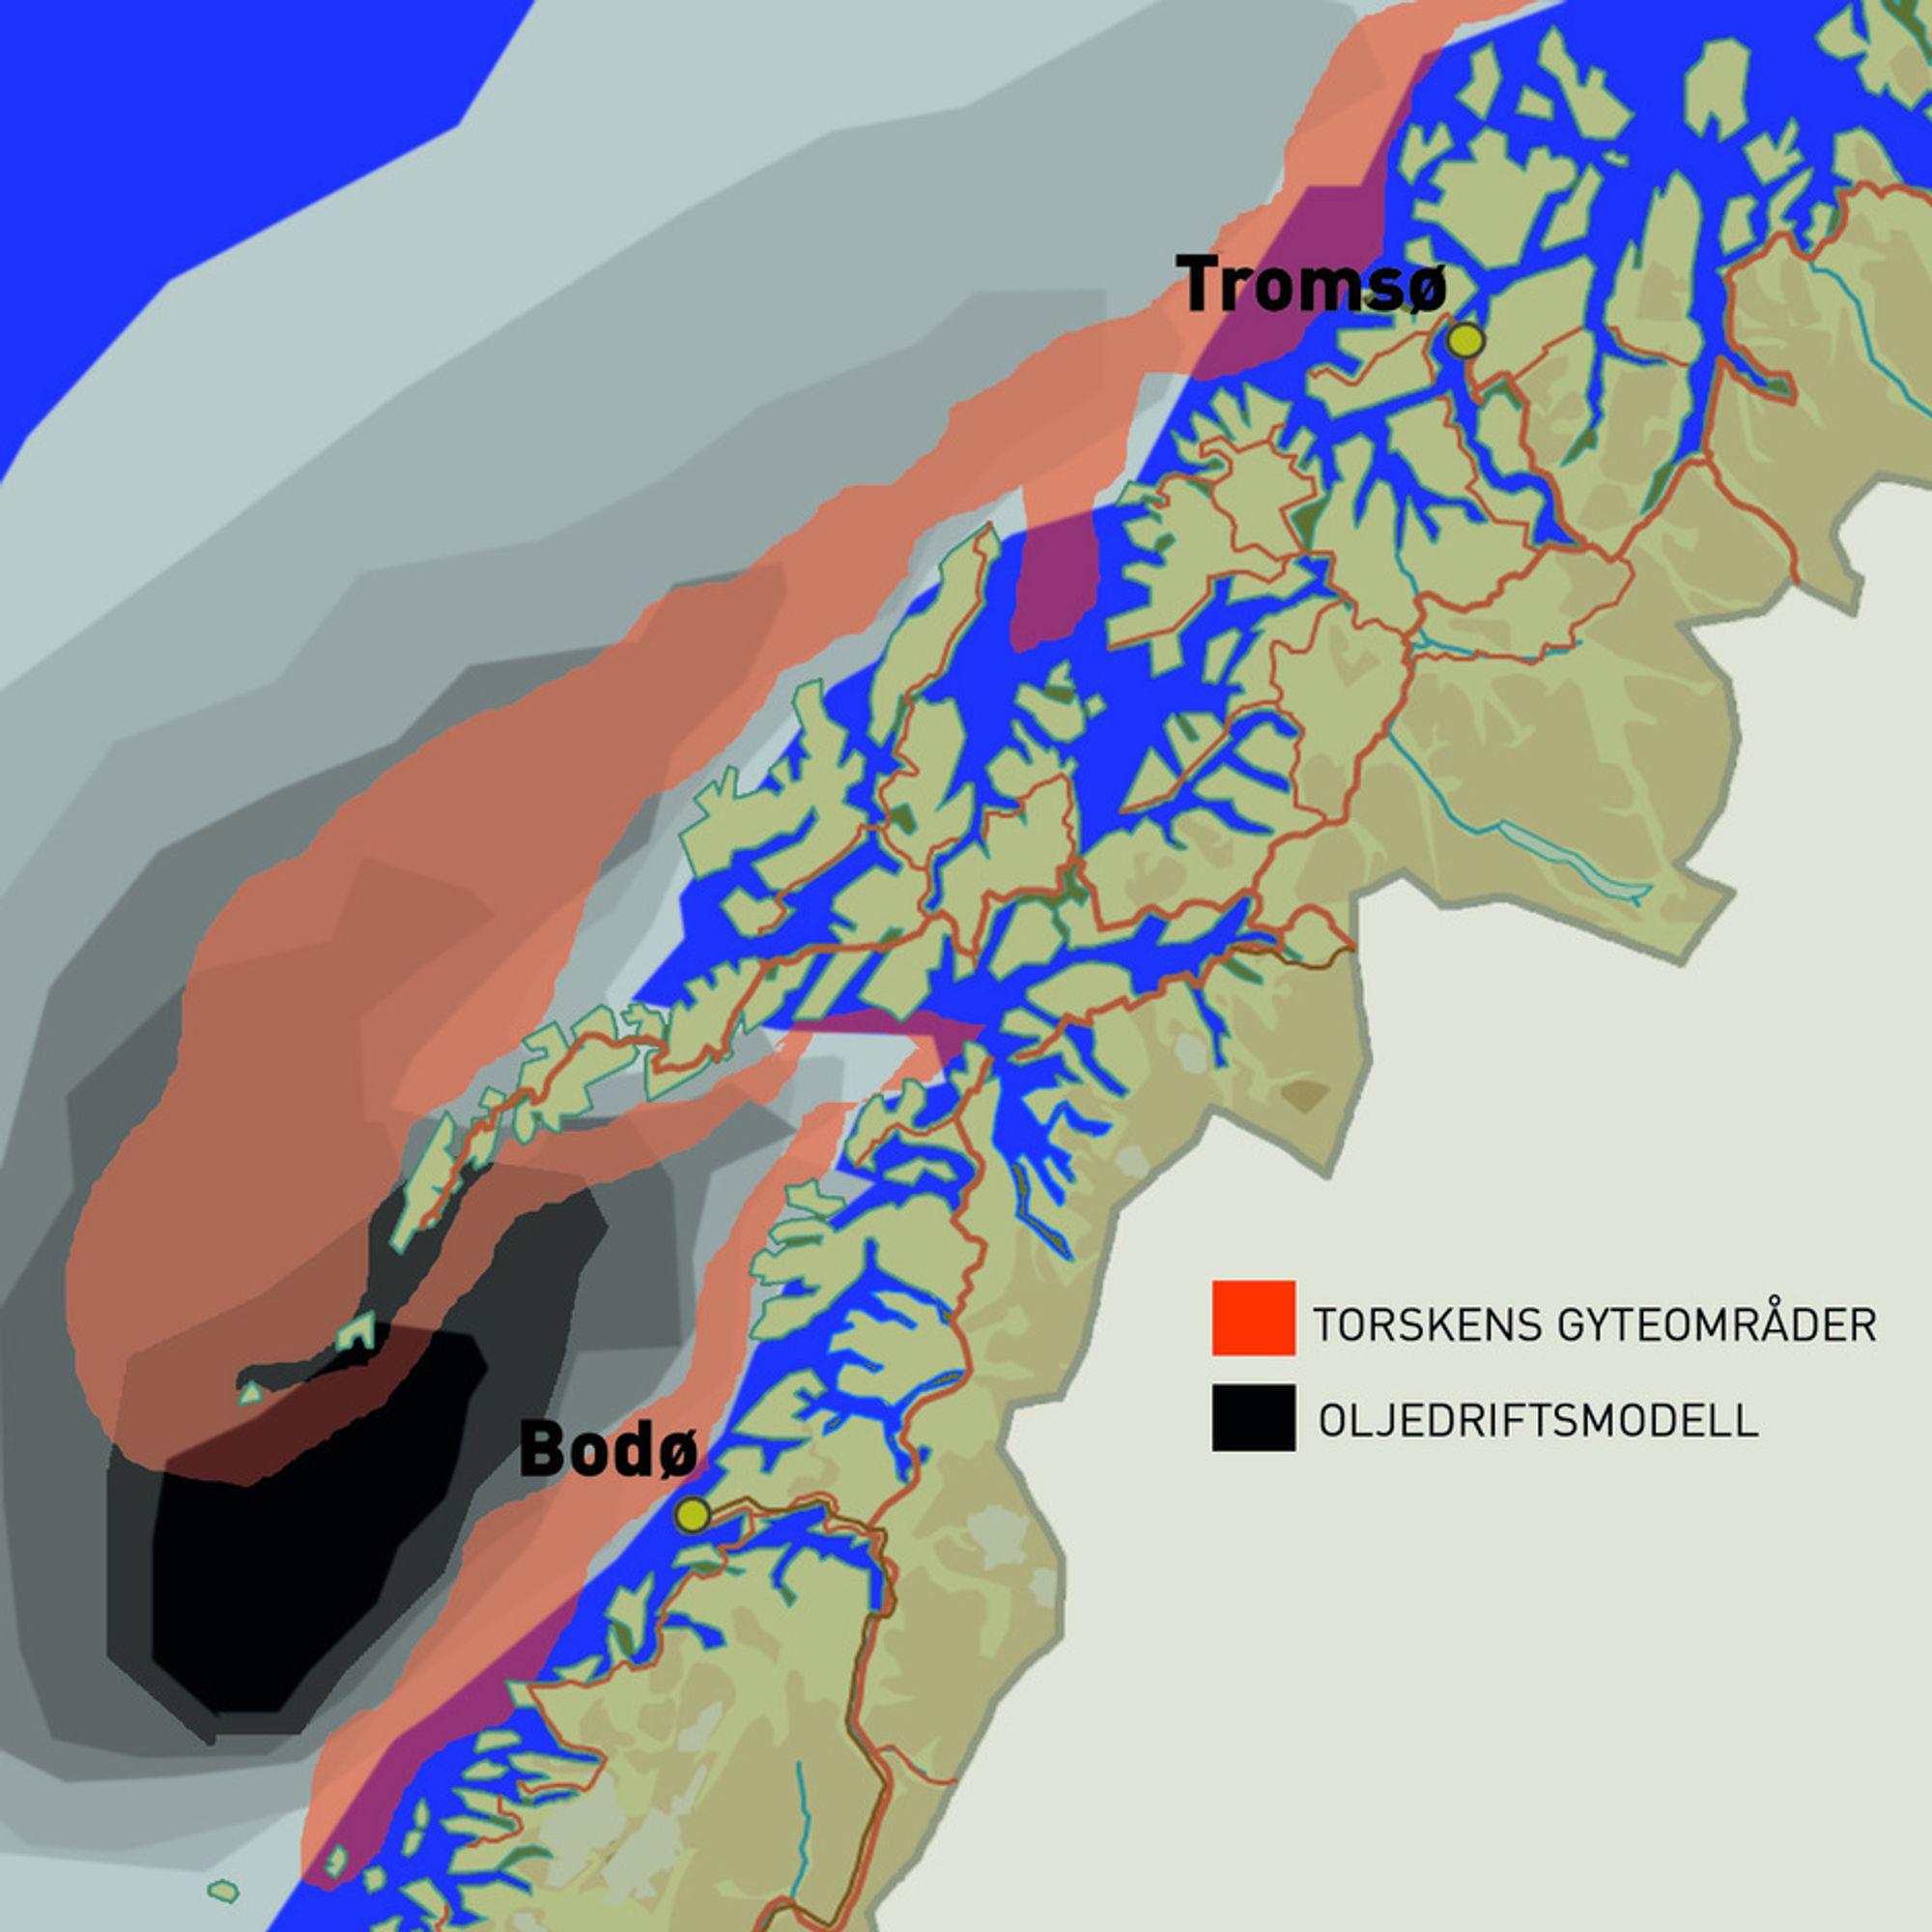 TRUER TORSKEN: Nordland V ligger oppstrøms av viktige torskegytefelt i Lofoten, og oljedriftssimuleringer viser at et oljeutslipp i området vil drive rett inn i Vestfjorden/Lofoten og treffe torskegytefeltene. (ILL: Jørgen Skjelsbæk)